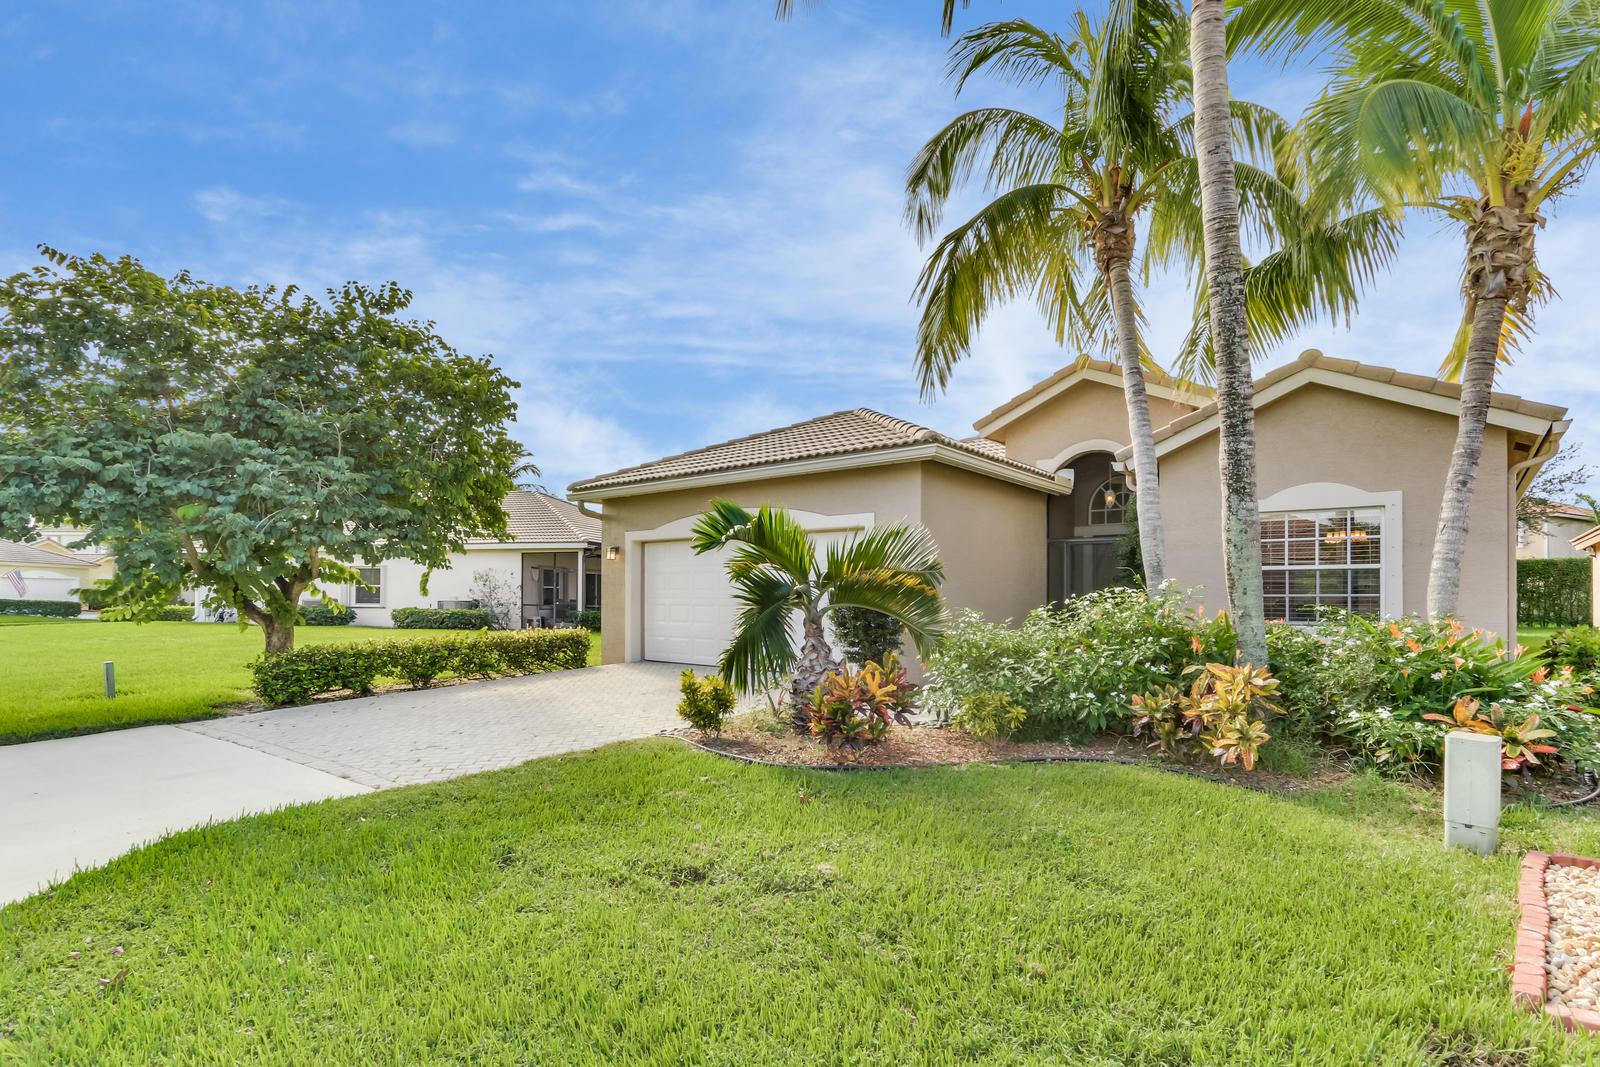 8614 Green Cay West Palm Beach, FL 33411